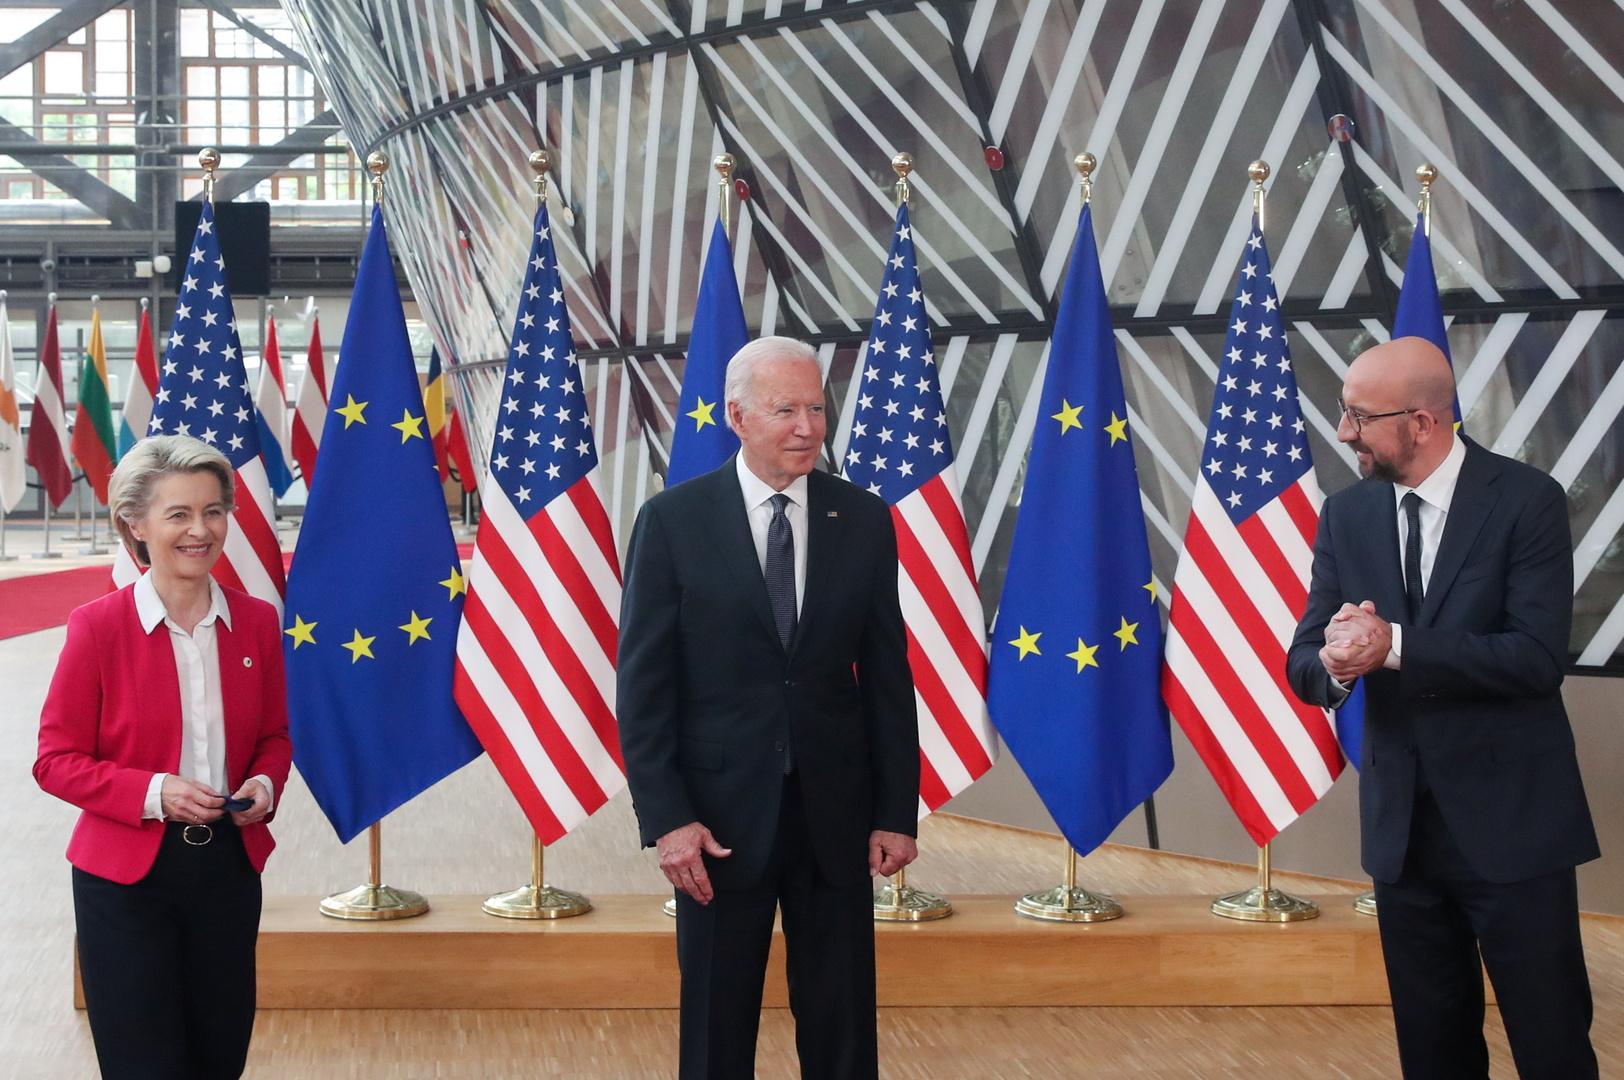 رئيس المجلس الأوروبي شارل ميشيل ورئيس الولايات المتحدة جو بايدن ورئيسة المفوضية الأوروبية أورسولا فون دير لاين